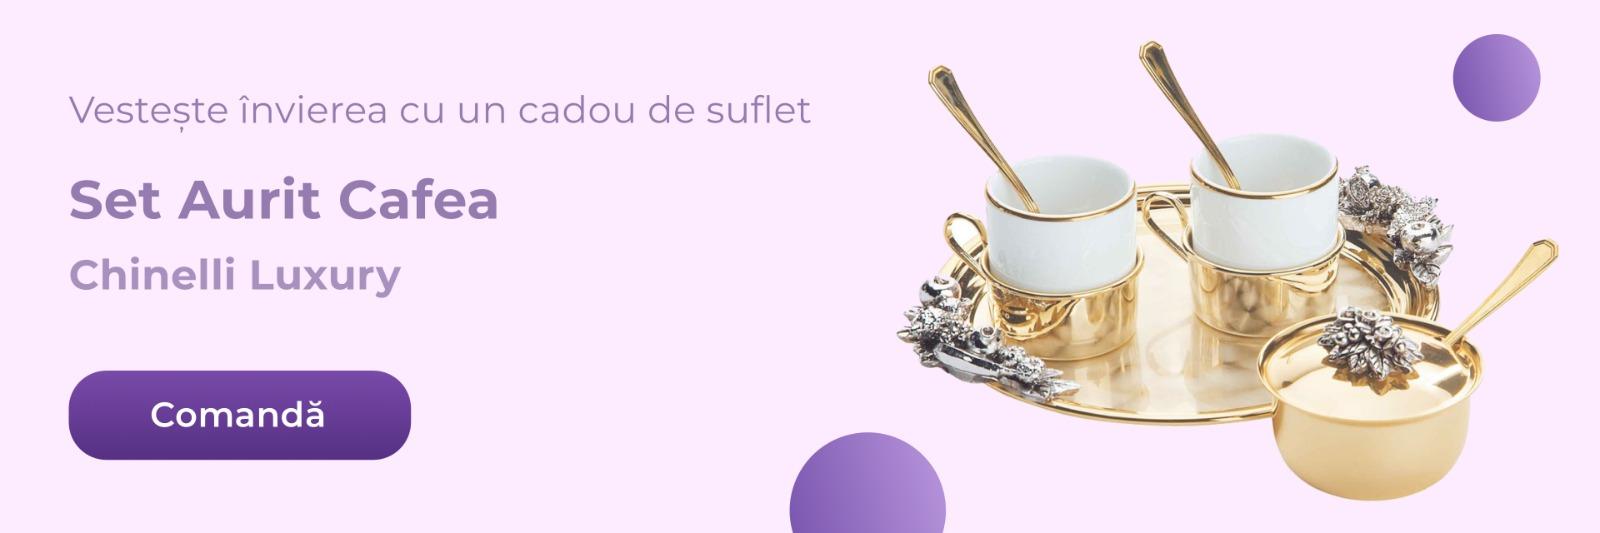 Set aurit cafea